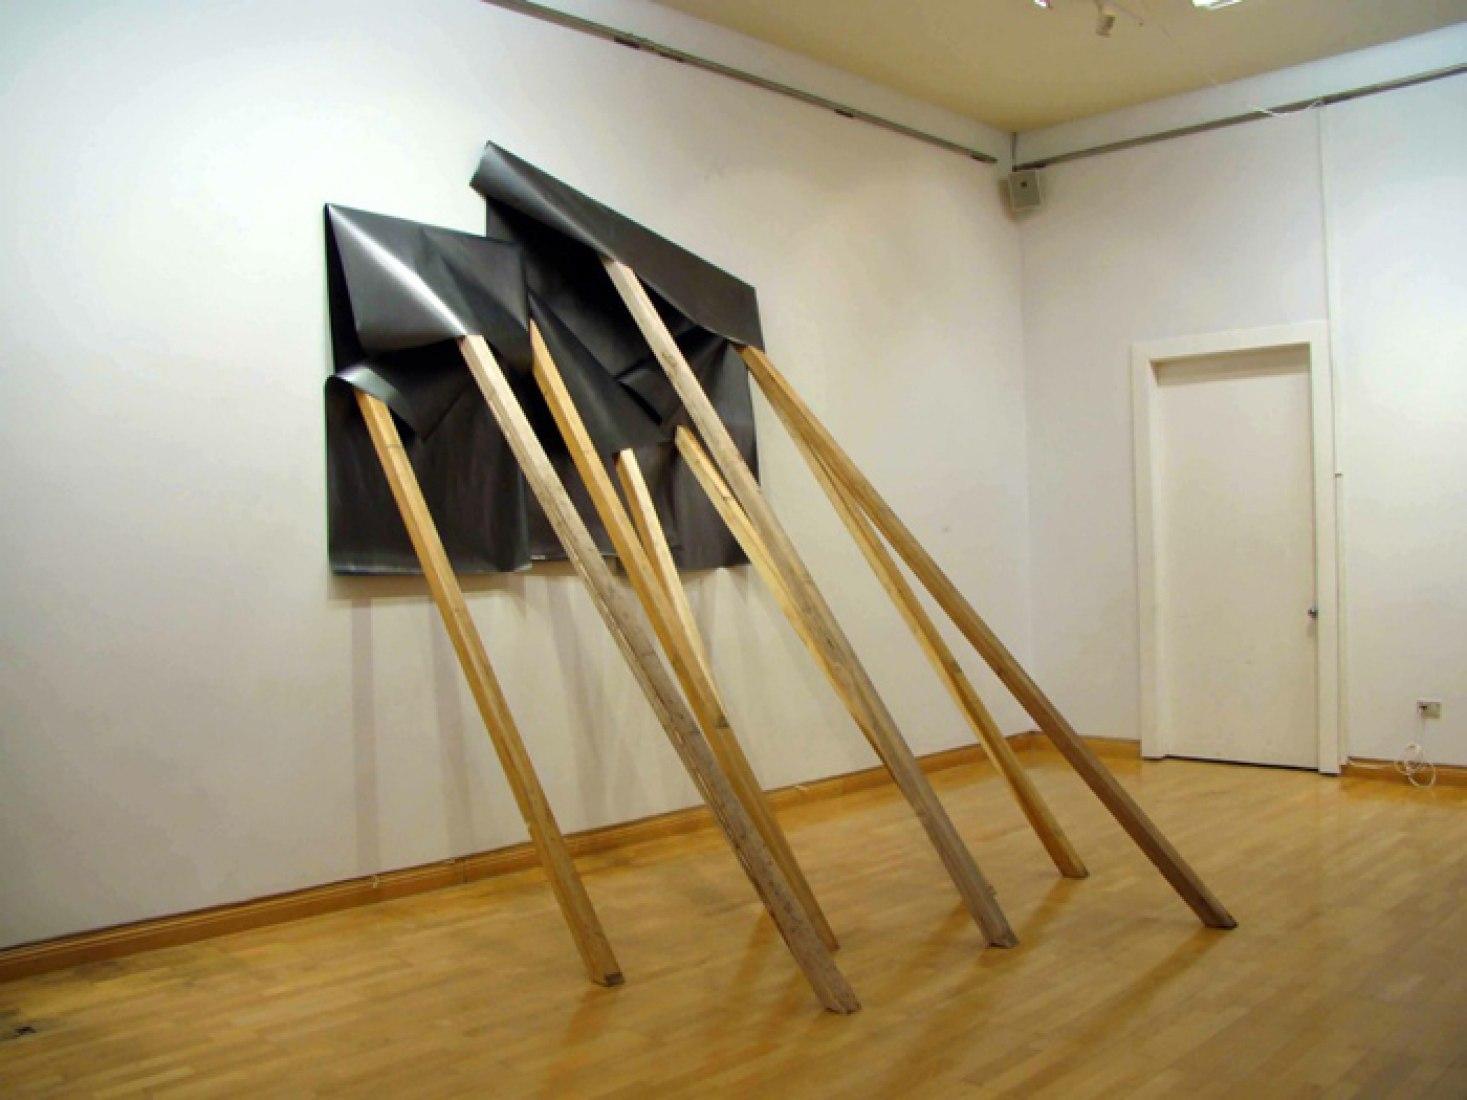 Fall down, 2010. Instalación de dibujos a grafito sobre papel sostenidos  con vigas de madera. Medidas variables de acuerdo al montaje.